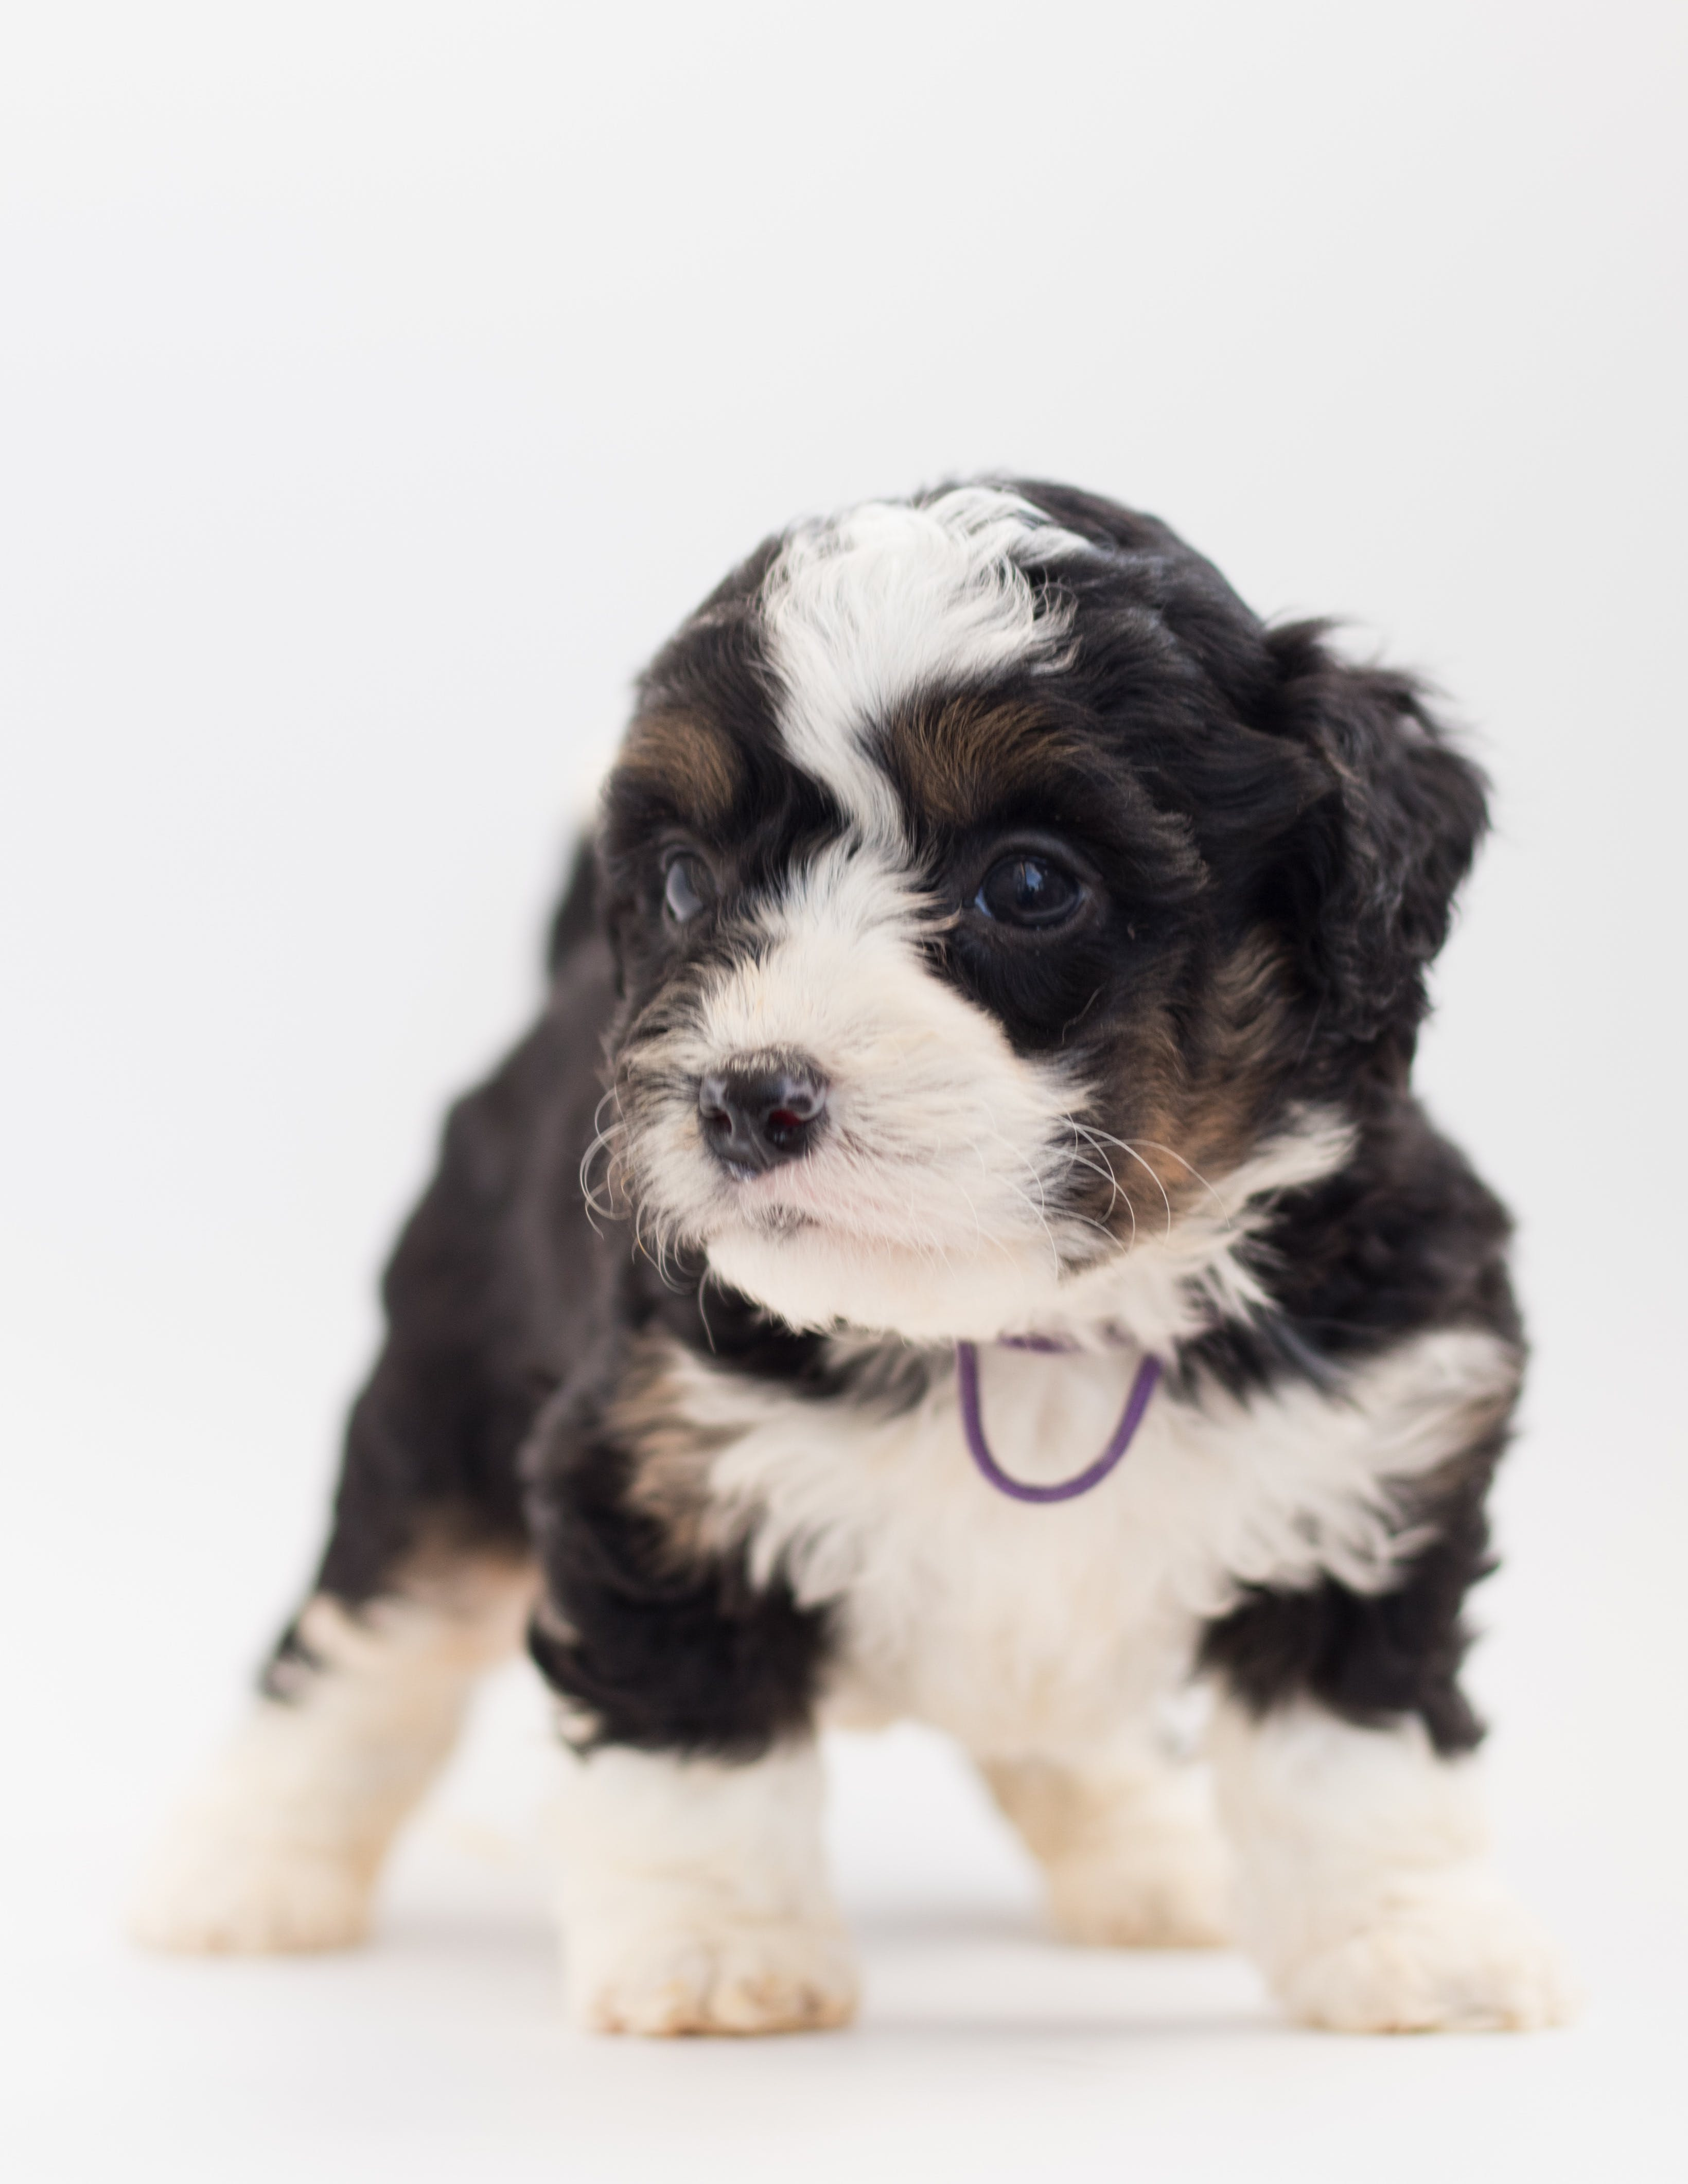 Kostenloses Stock Foto zu bernedoodle, berner sennenhund, bezaubernd, gucken